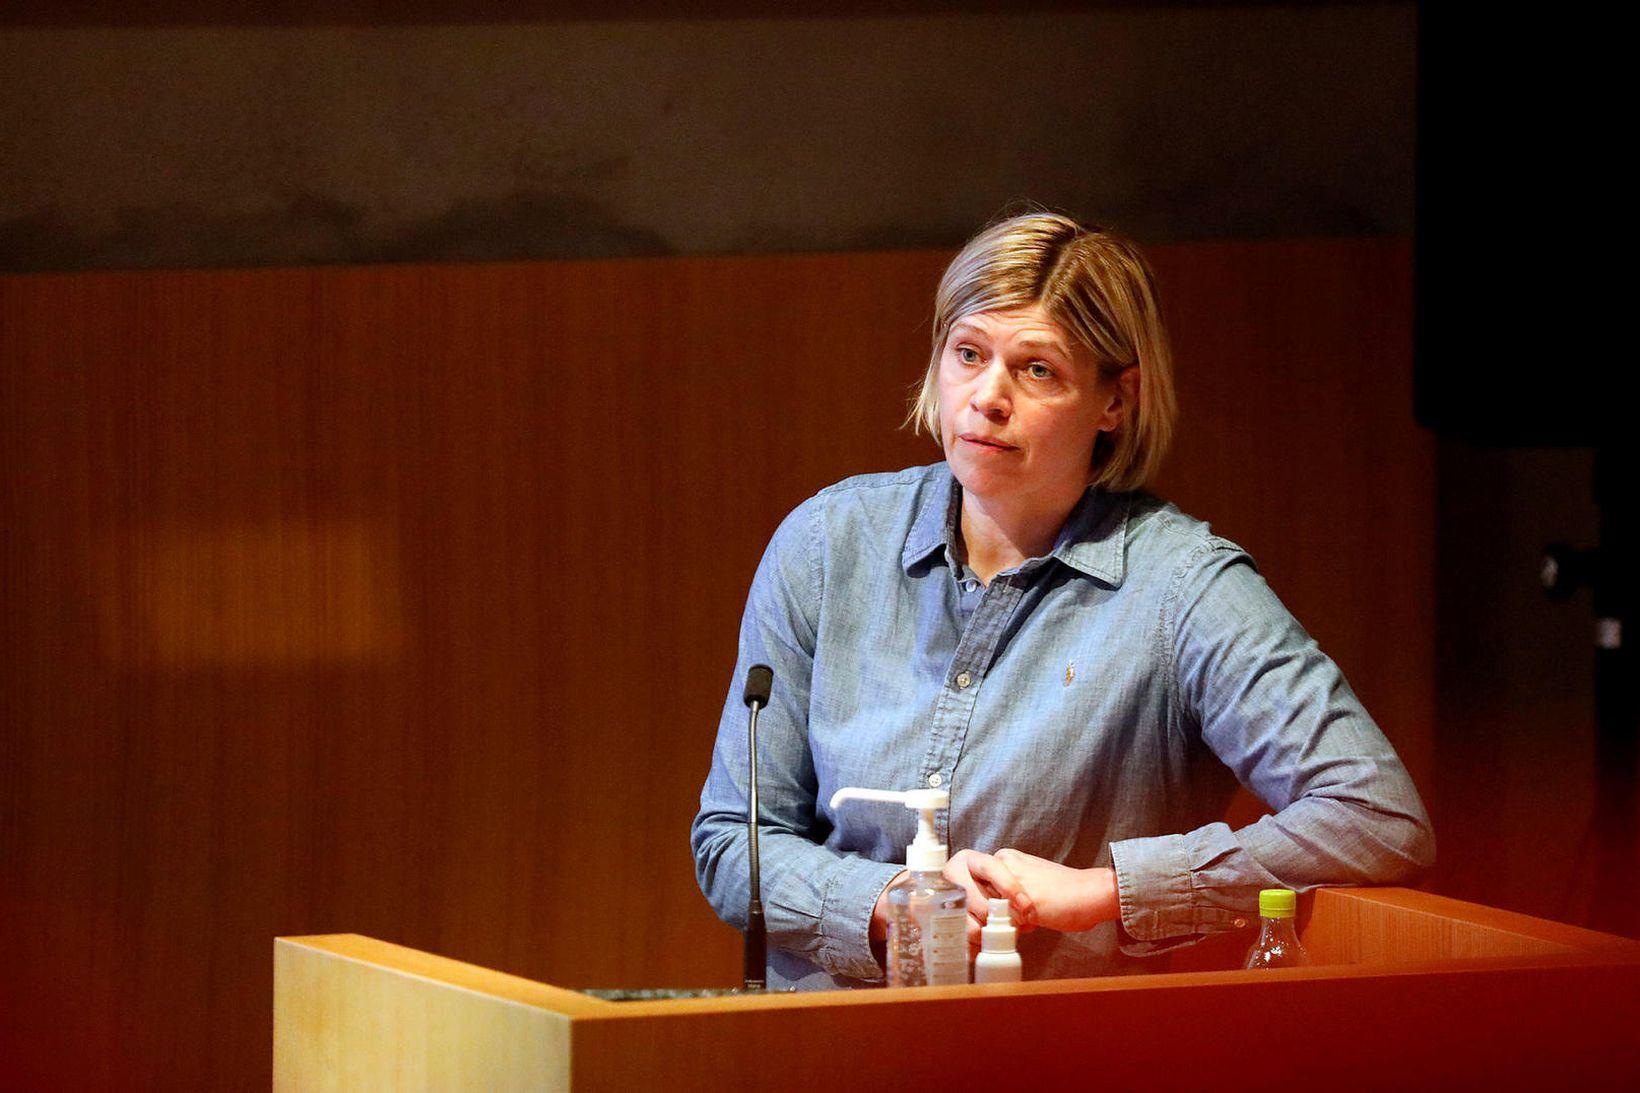 Hilma Hólm hjartalæknir á fræðslufundinum fyrr í dag.